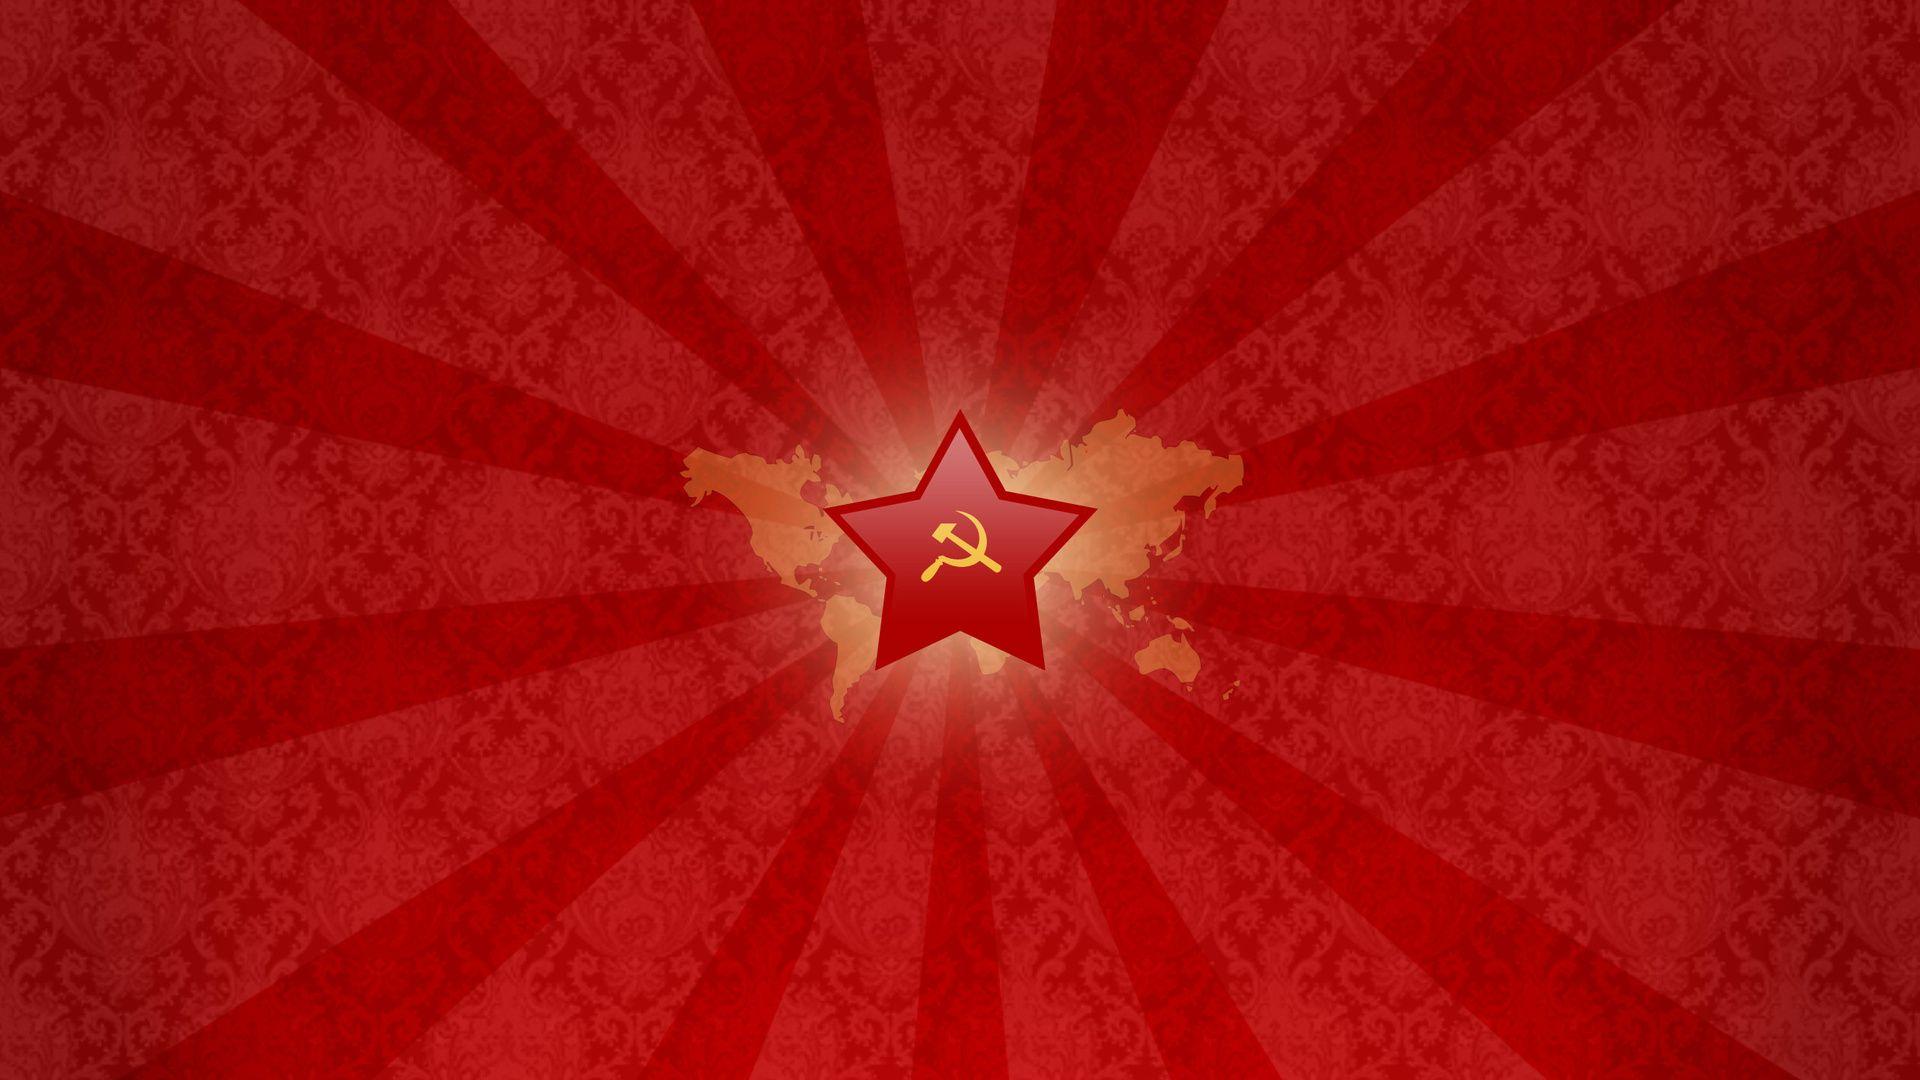 Communism Good Wallpaper